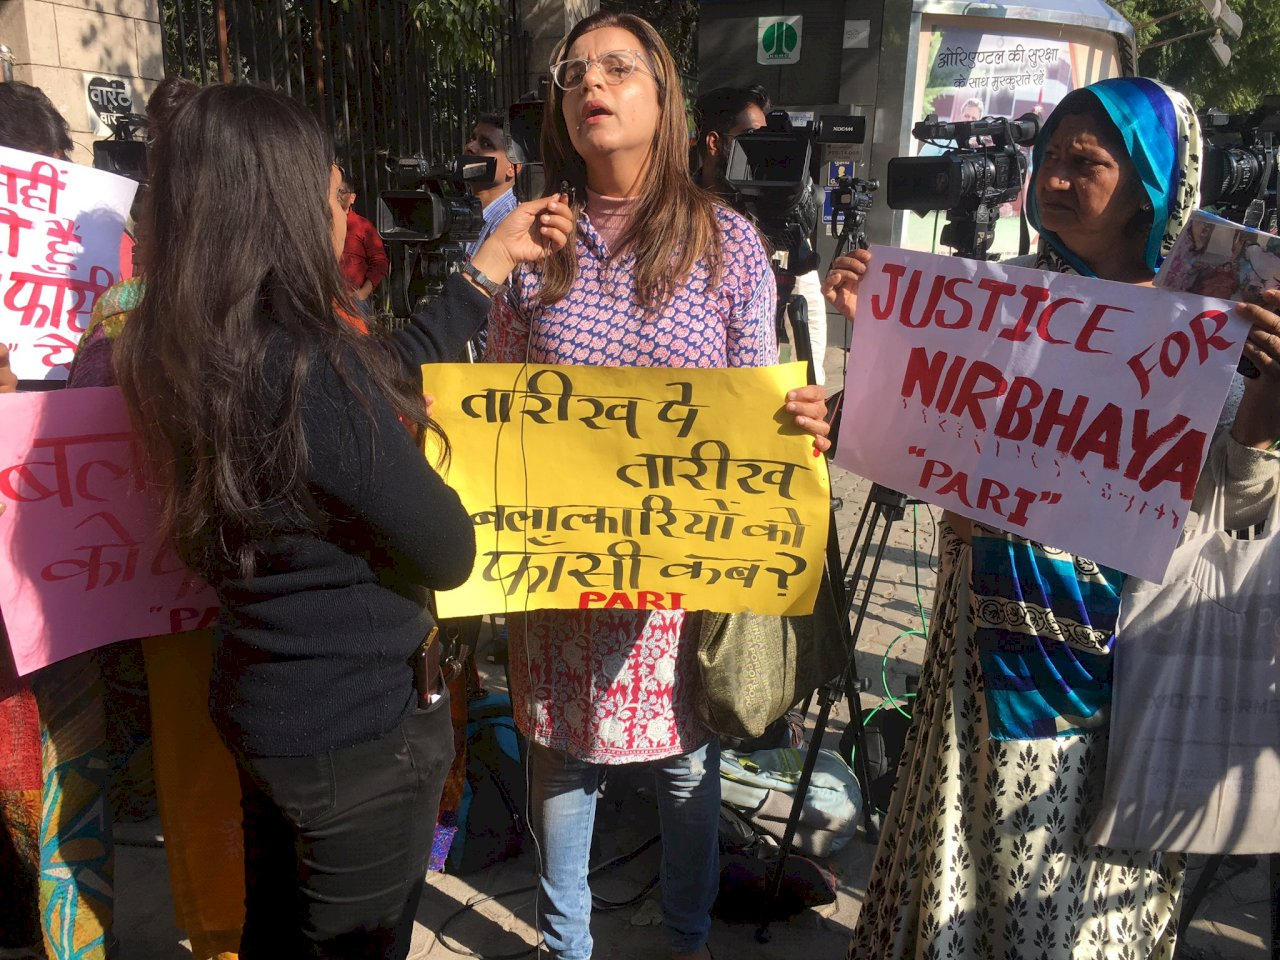 德里女大生輪暴案促印度女權覺醒 性侵恐懼仍難平